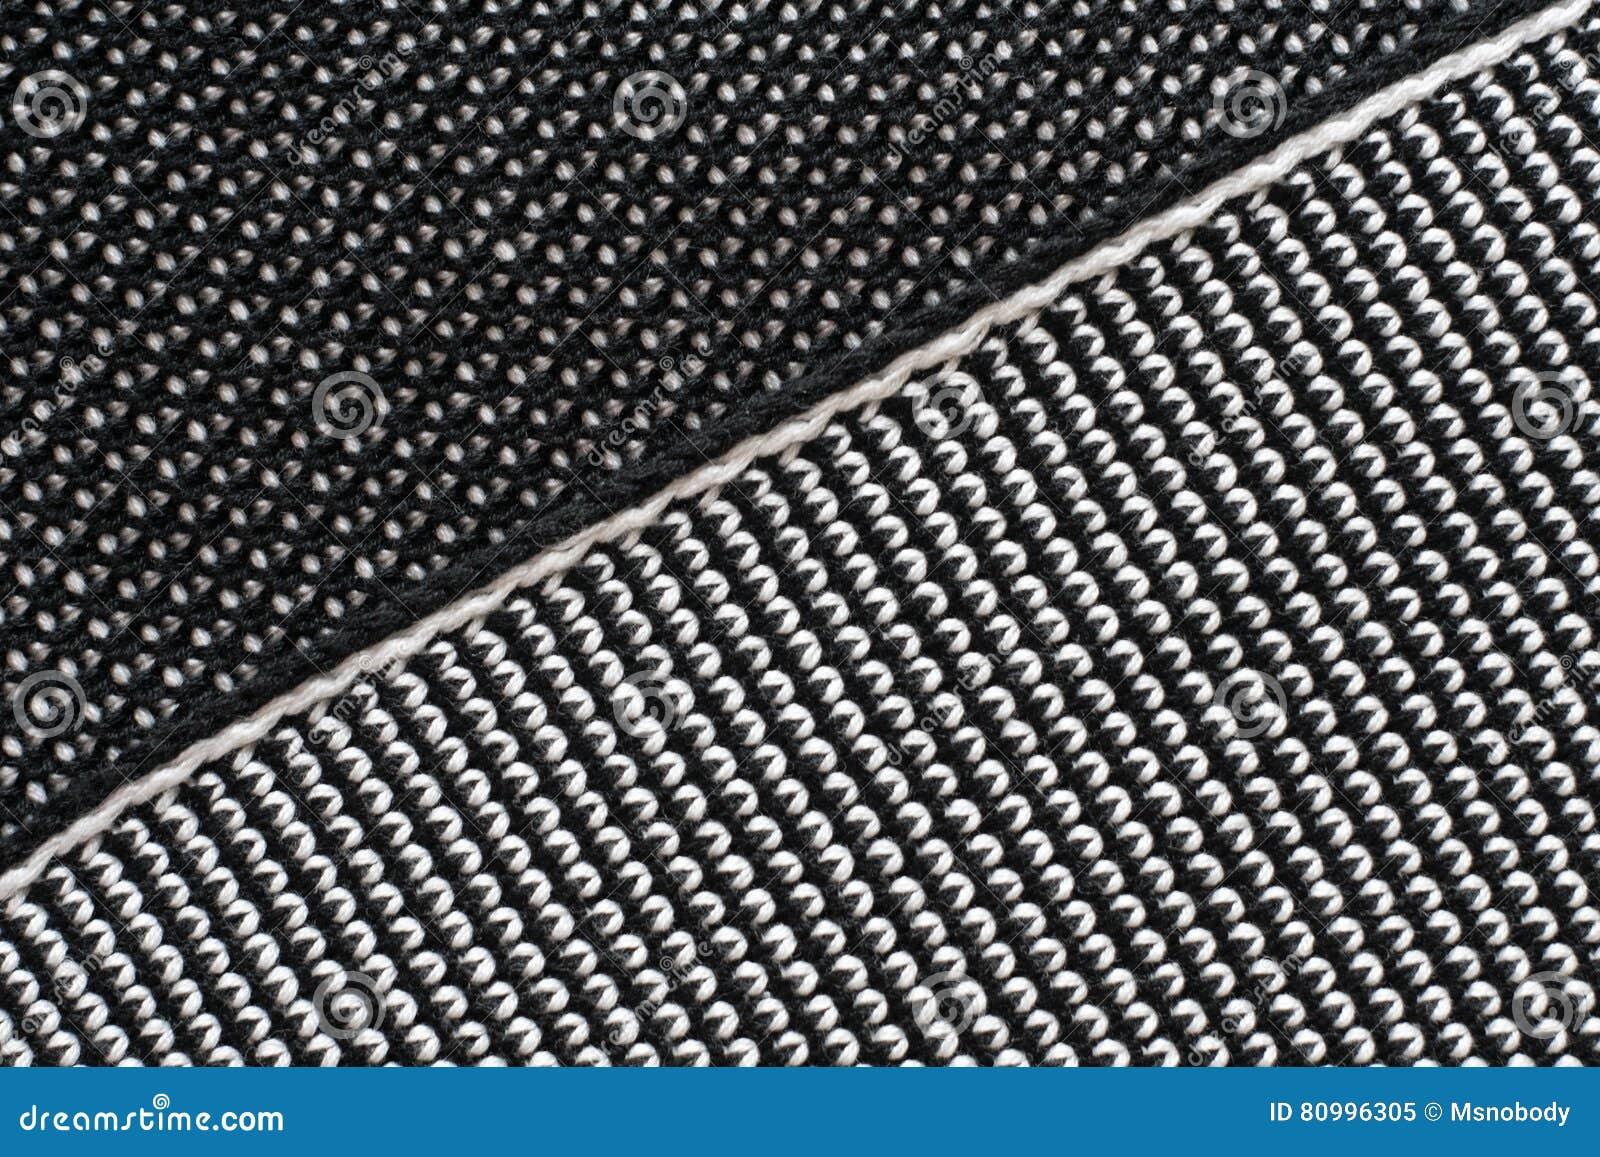 965b67d74bb0 Tessuto tricottato fatto di lana bianca e nera Priorità bassa strutturata  grigia